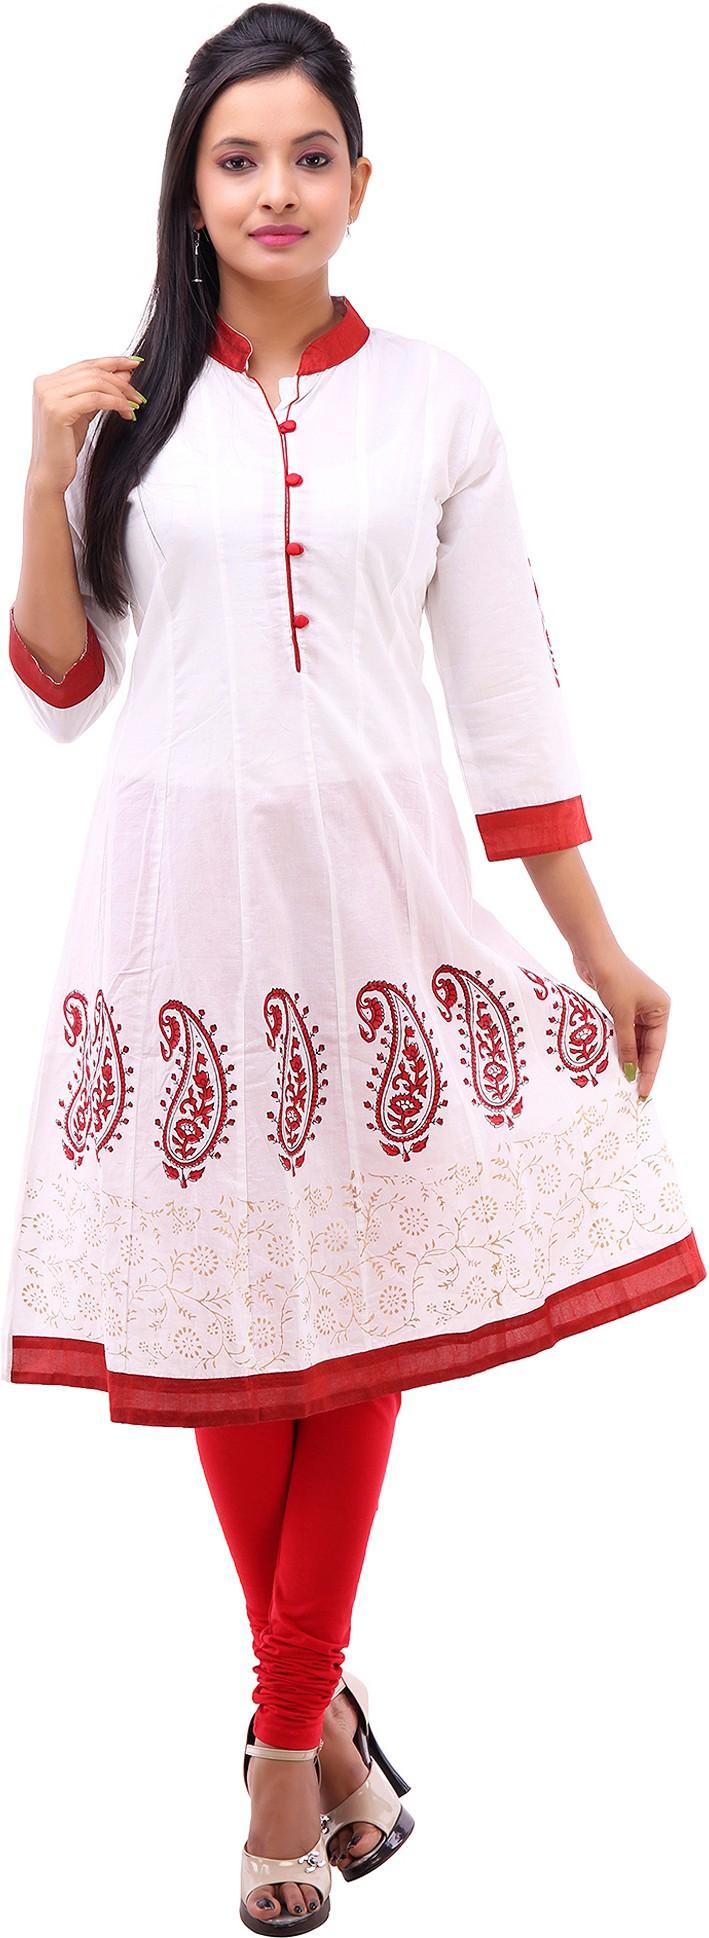 Kyaara Printed Womens Anarkali Kurta(White, Red)